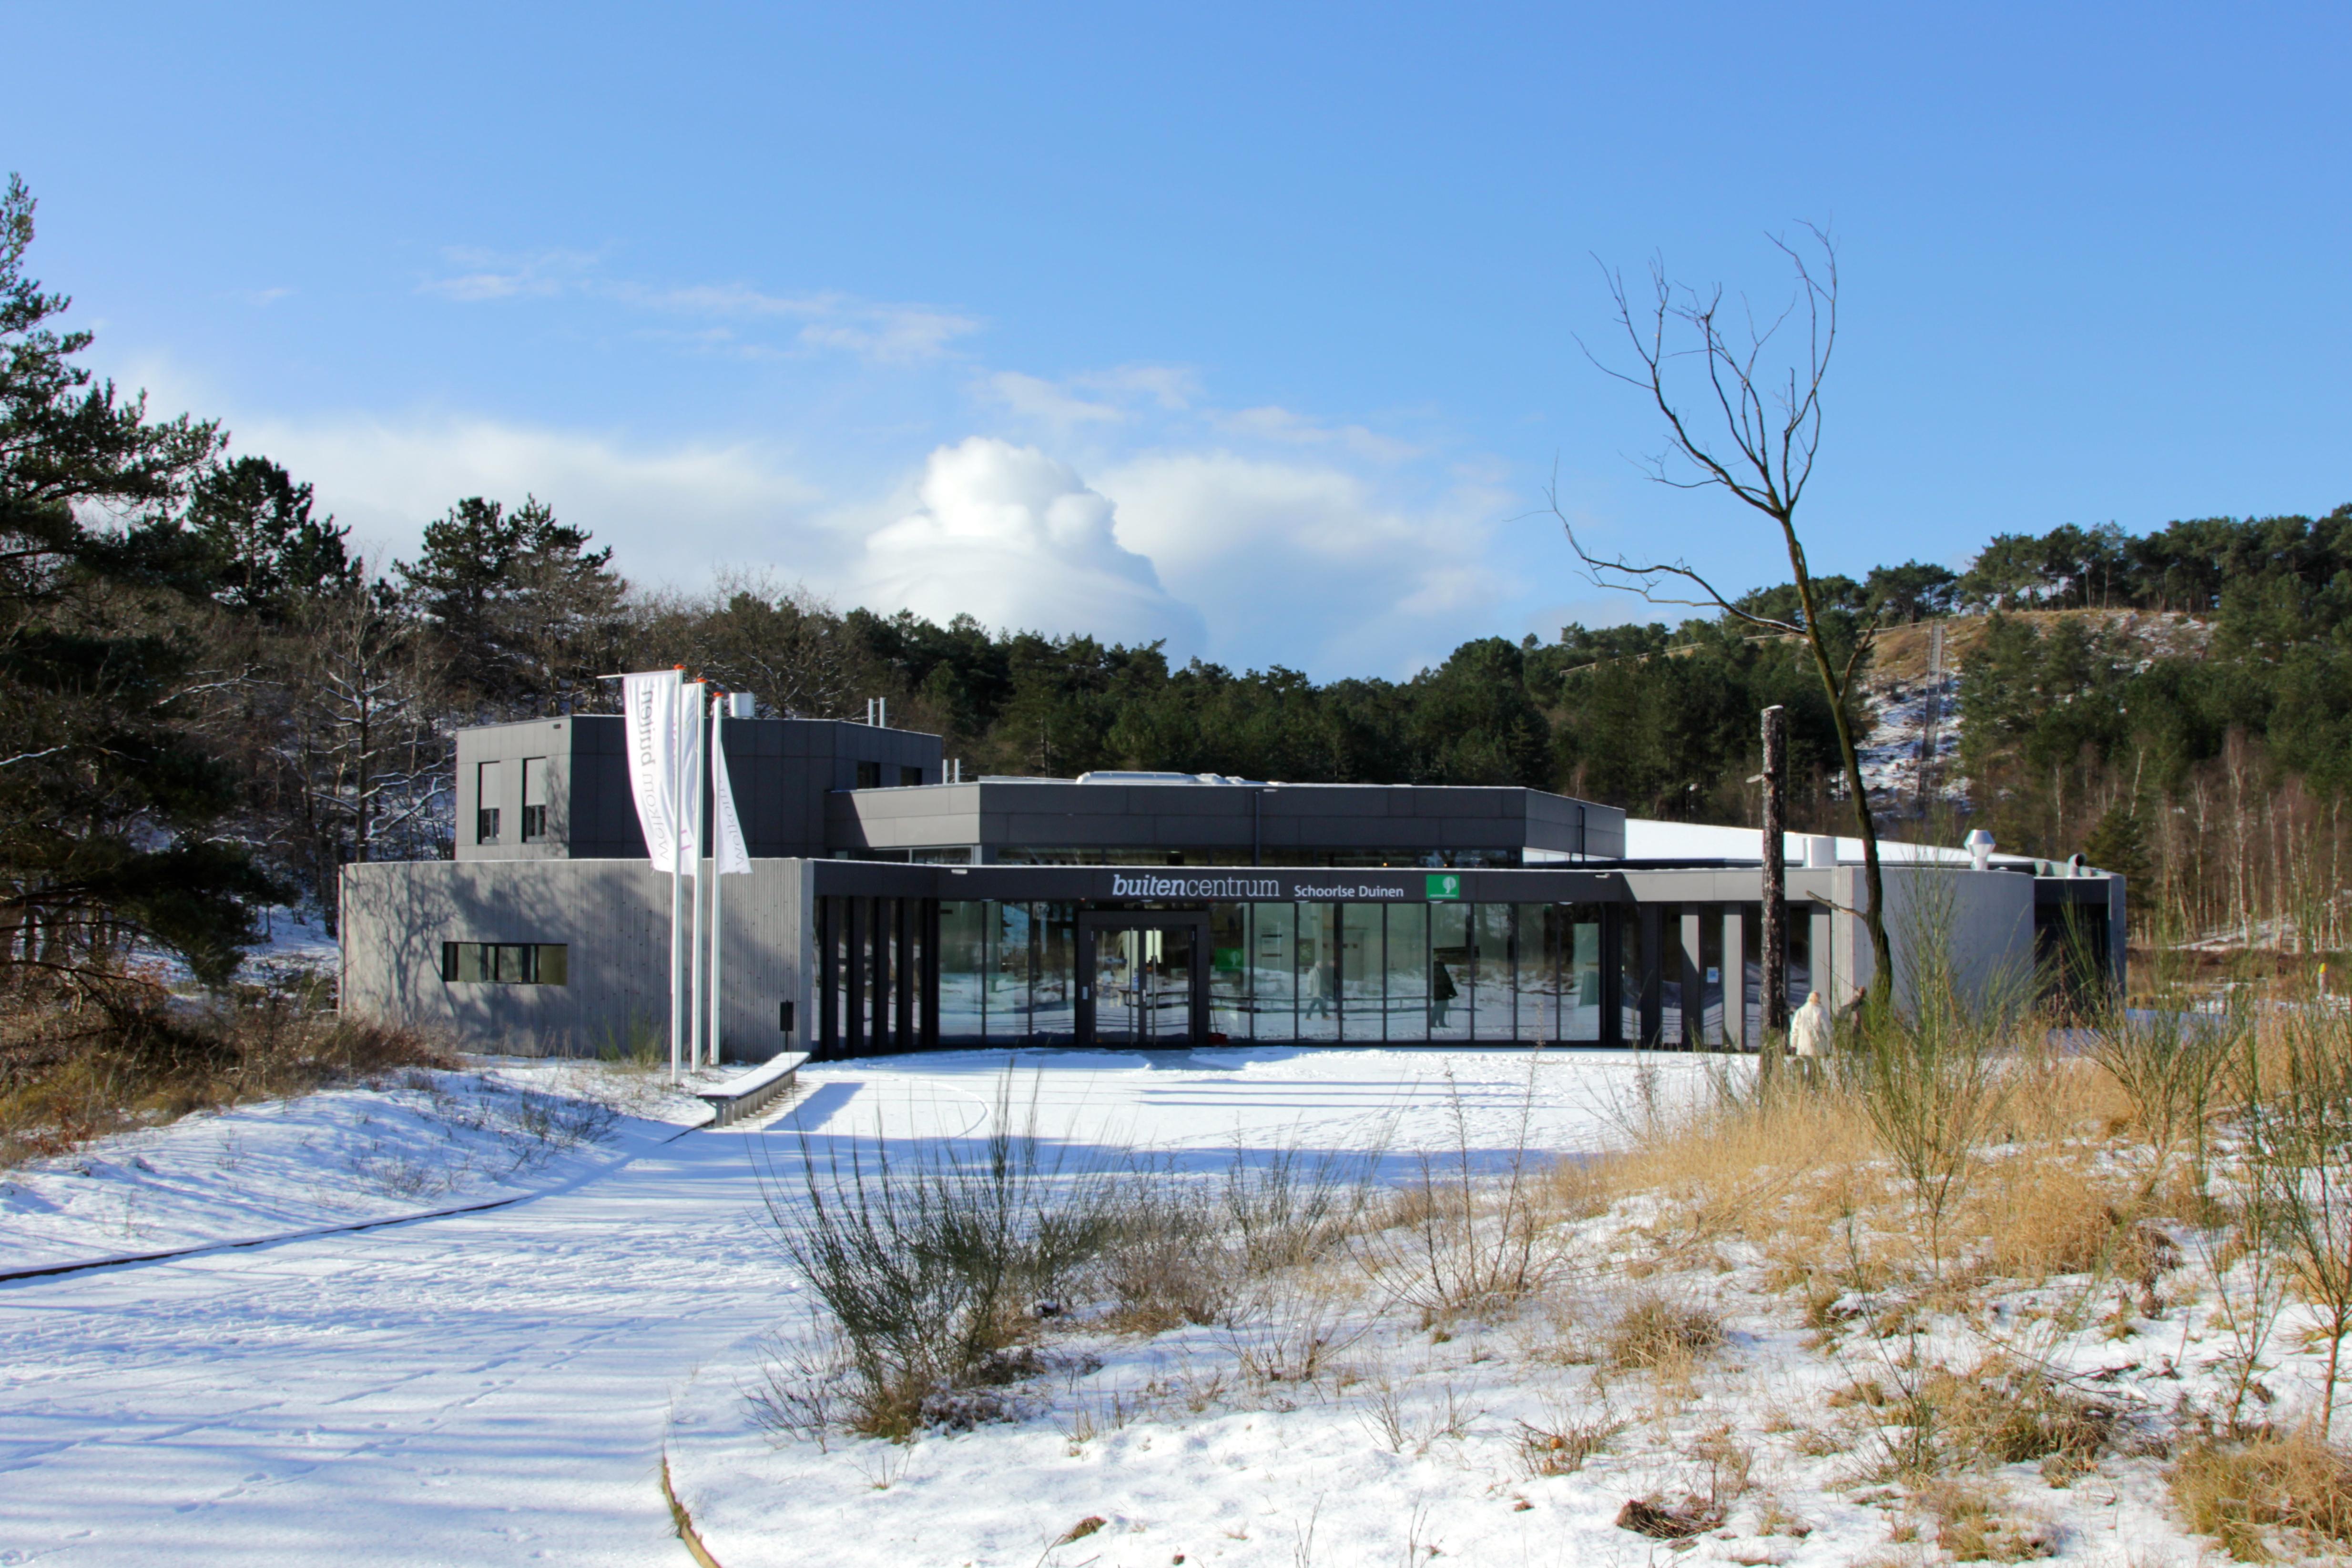 Bezoekerscentrum Schoorlse duinen